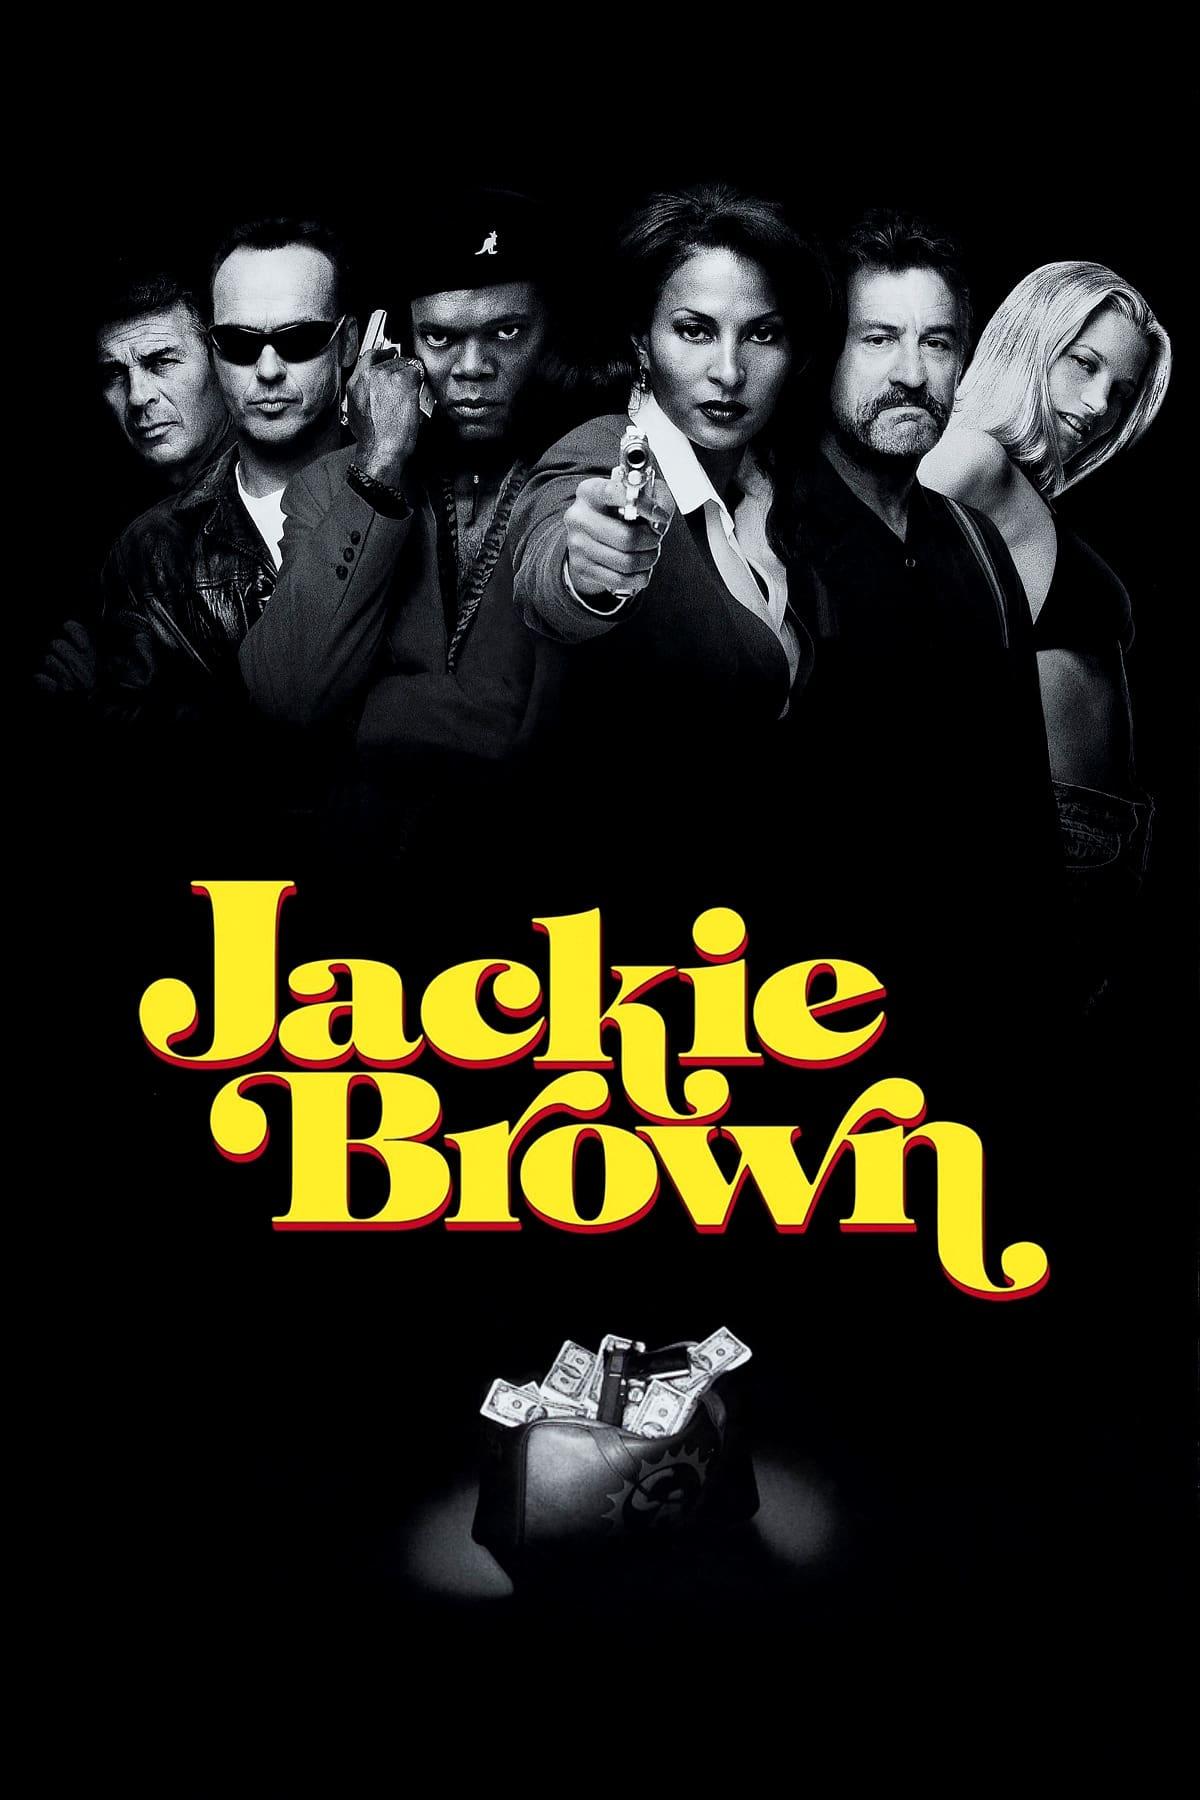 jackie film stream